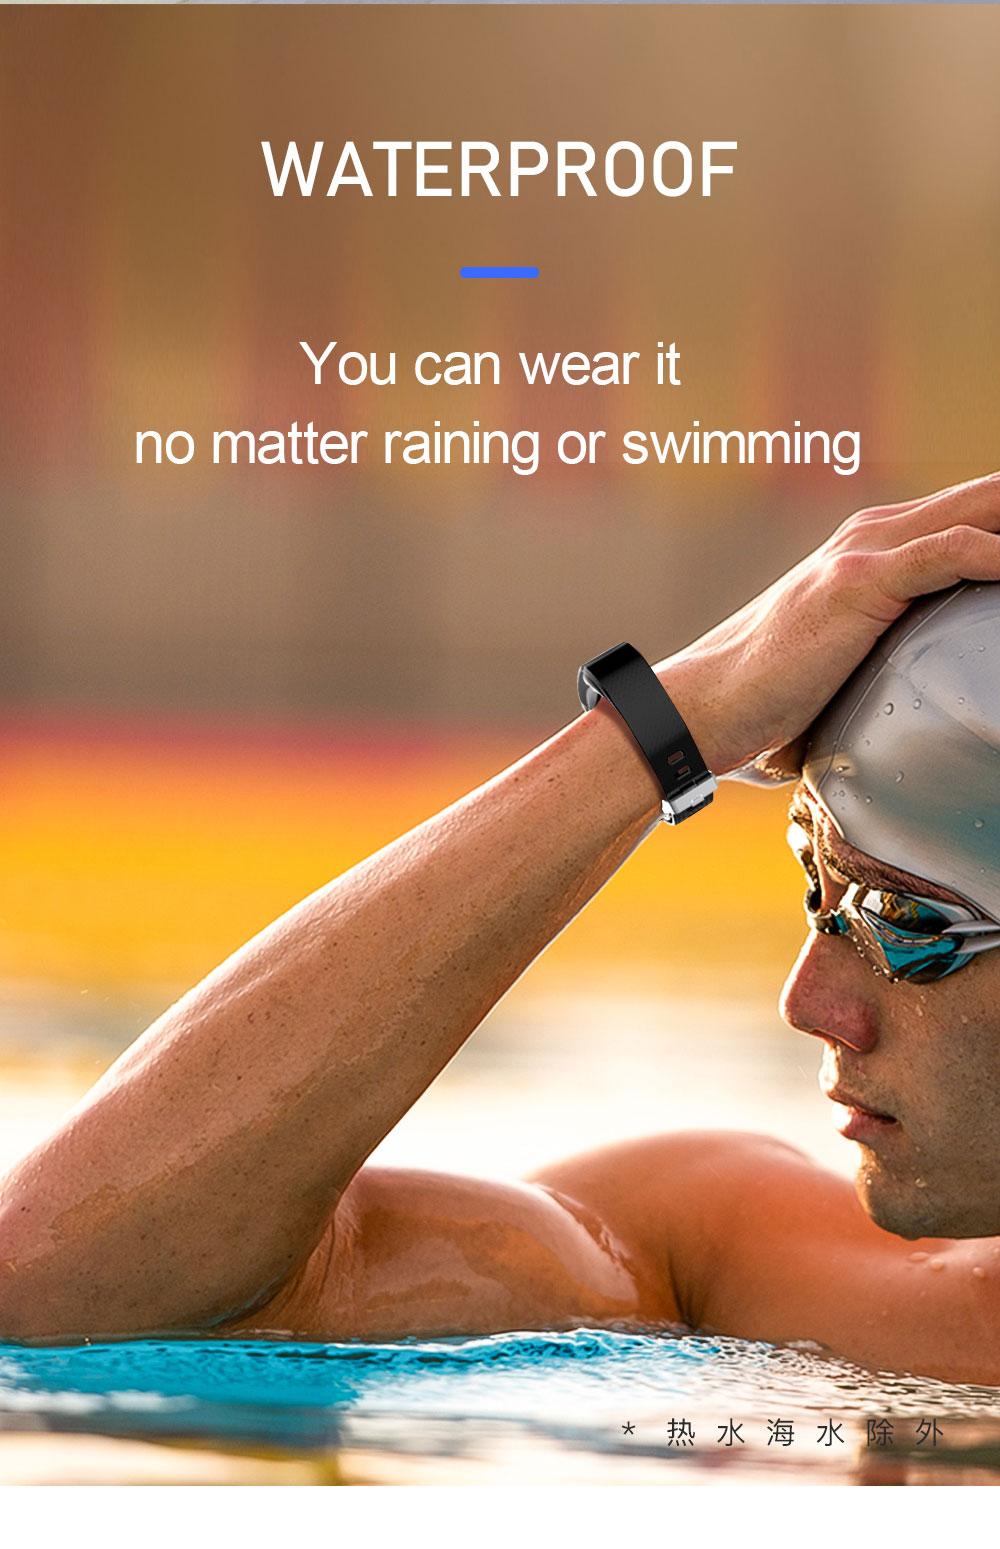 Hd99830fad1674d5cb6e8fa9665103ff4y Smart Fitness Bracelet Blood Pressure Measurement Fitness Tracker Waterproof Smart Band Watch Heart Rate Tracker For Women Men